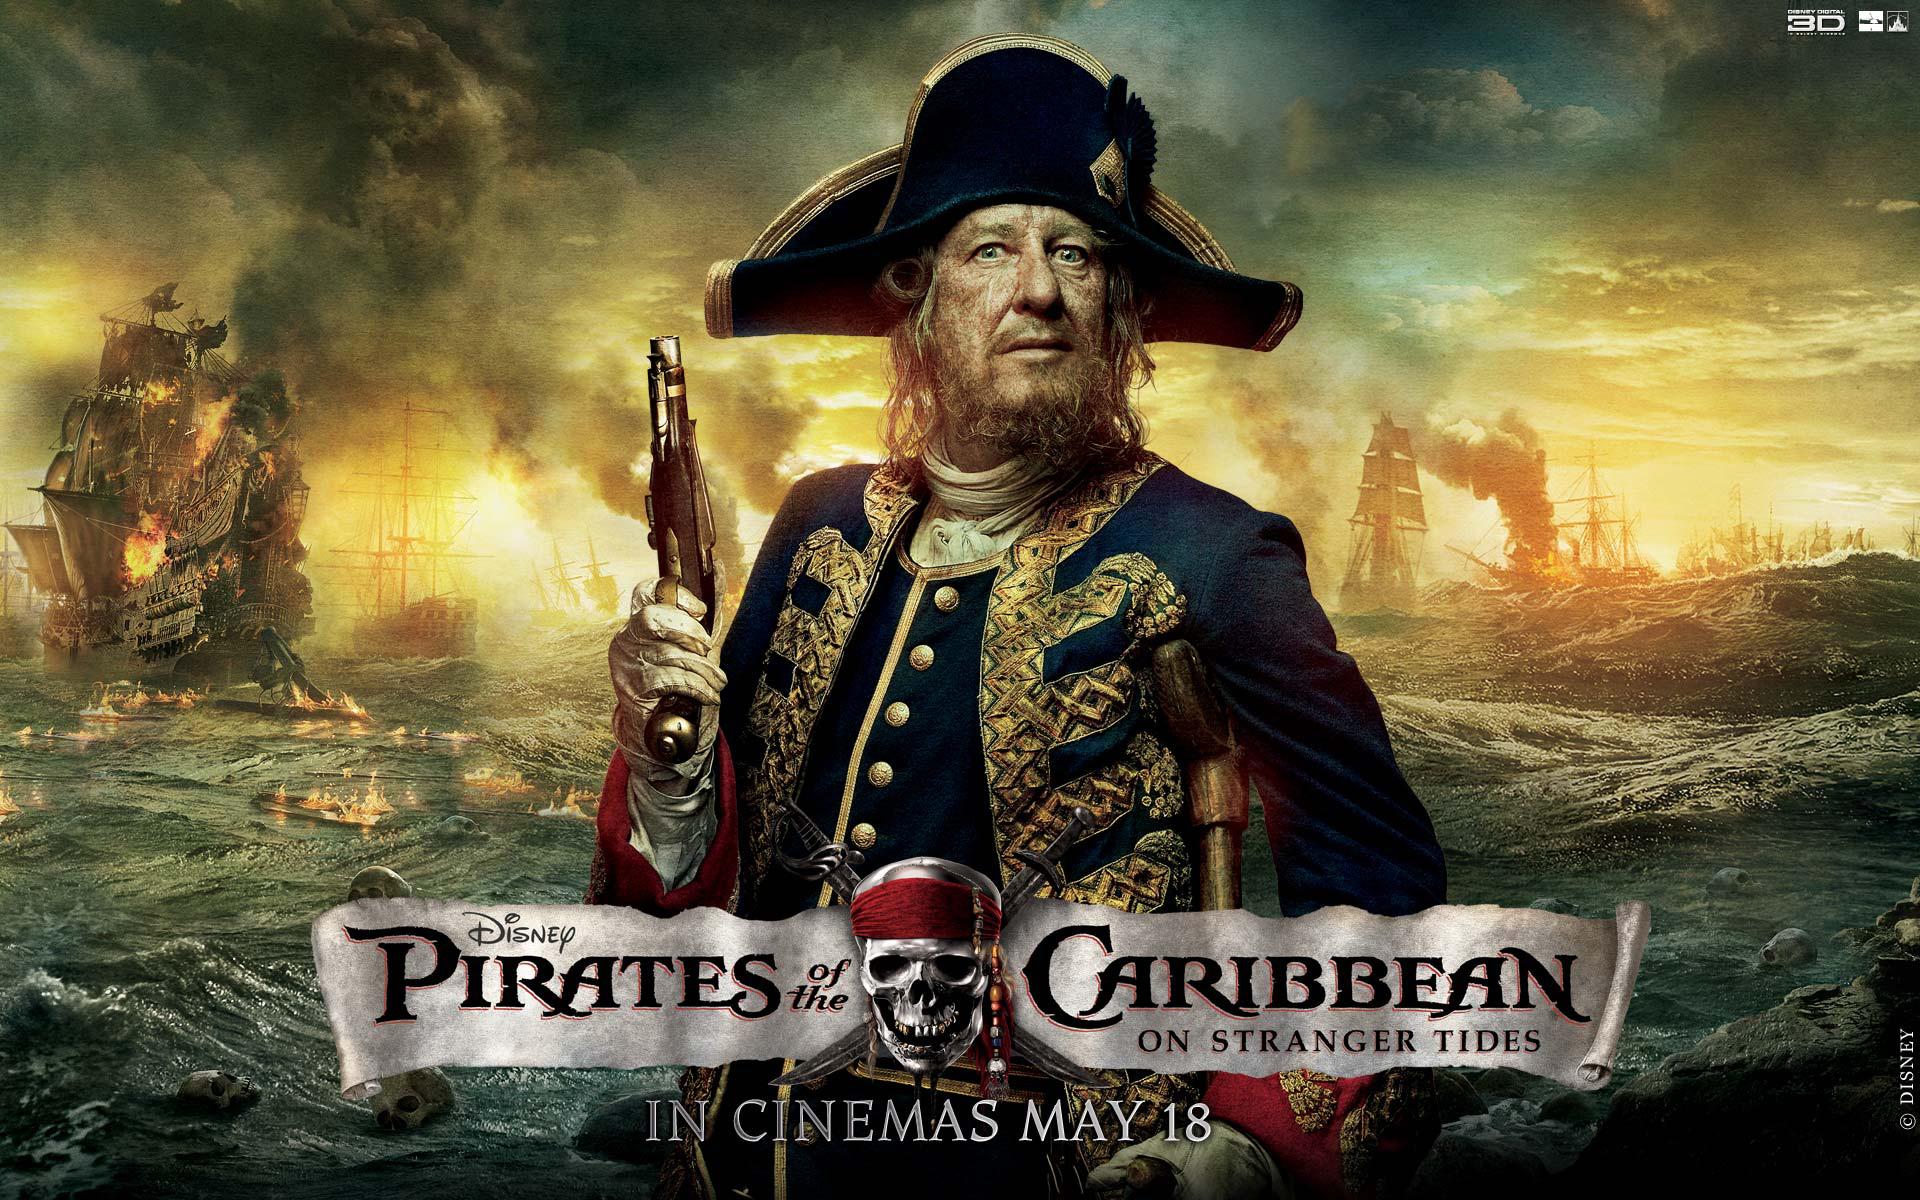 Fotos de piratas del caribe 4 21